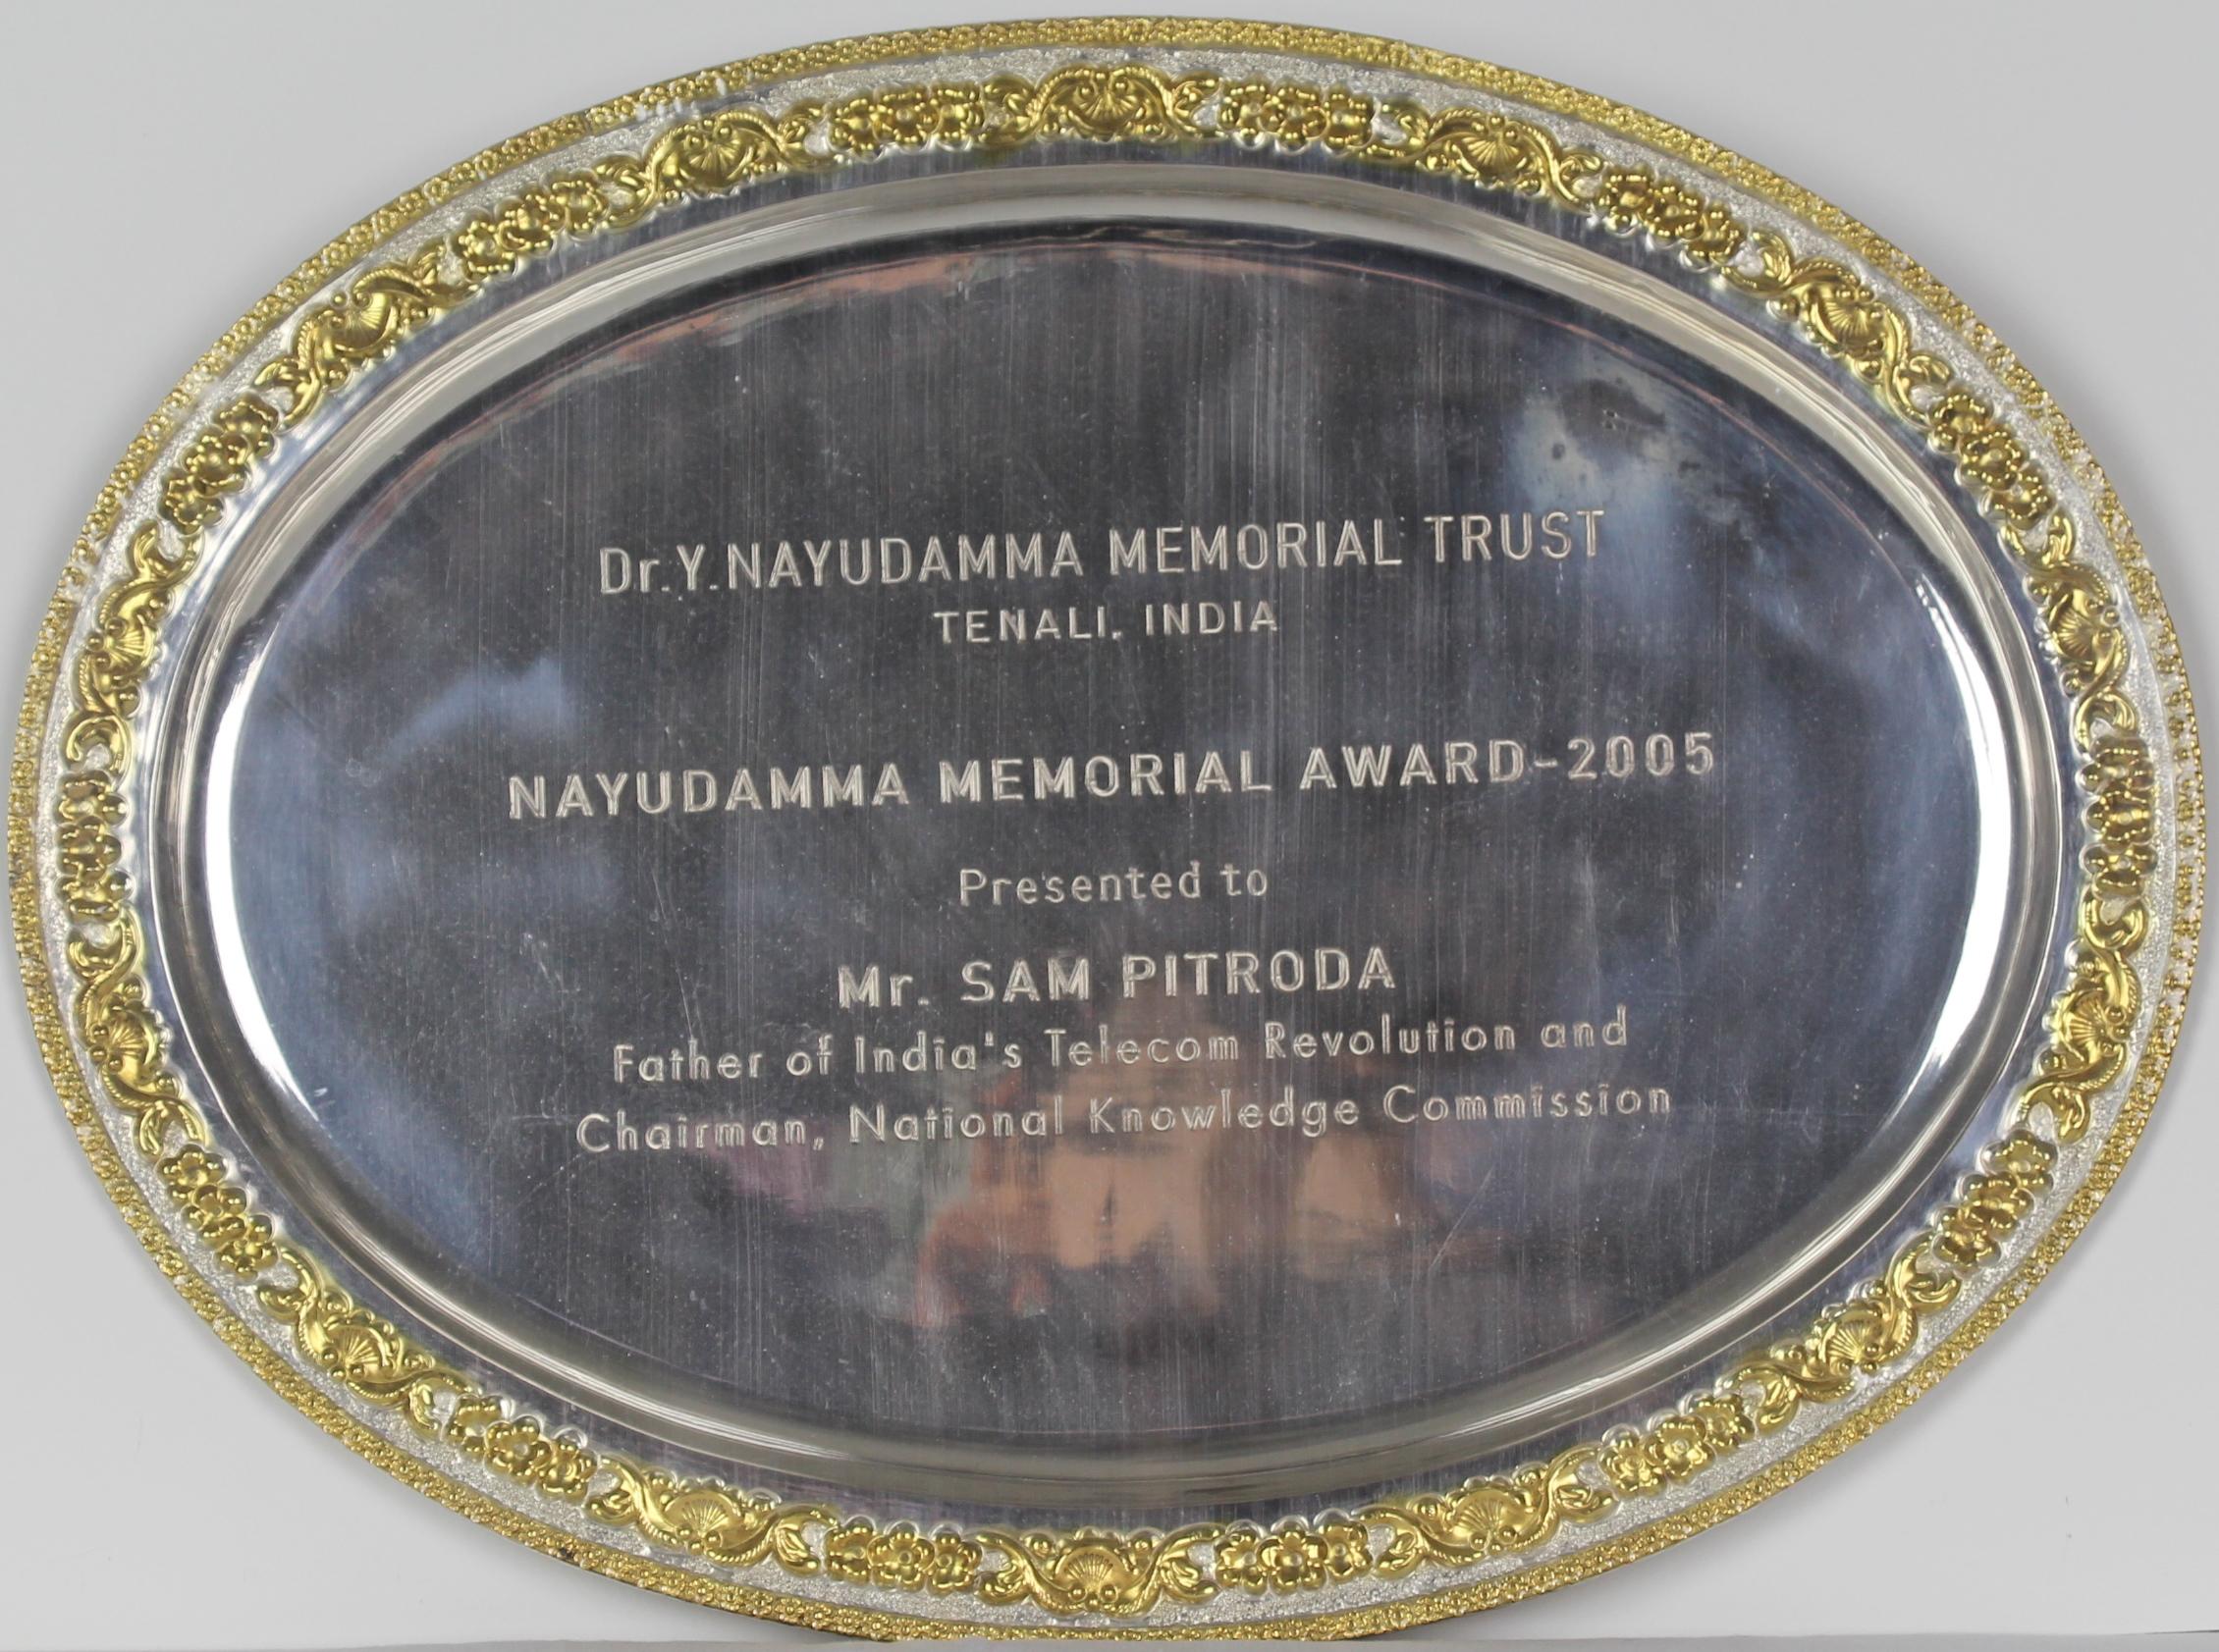 Nayudamma Memorial Award, Dr. Y. Nayudamma Trust, Tenali India, 2005